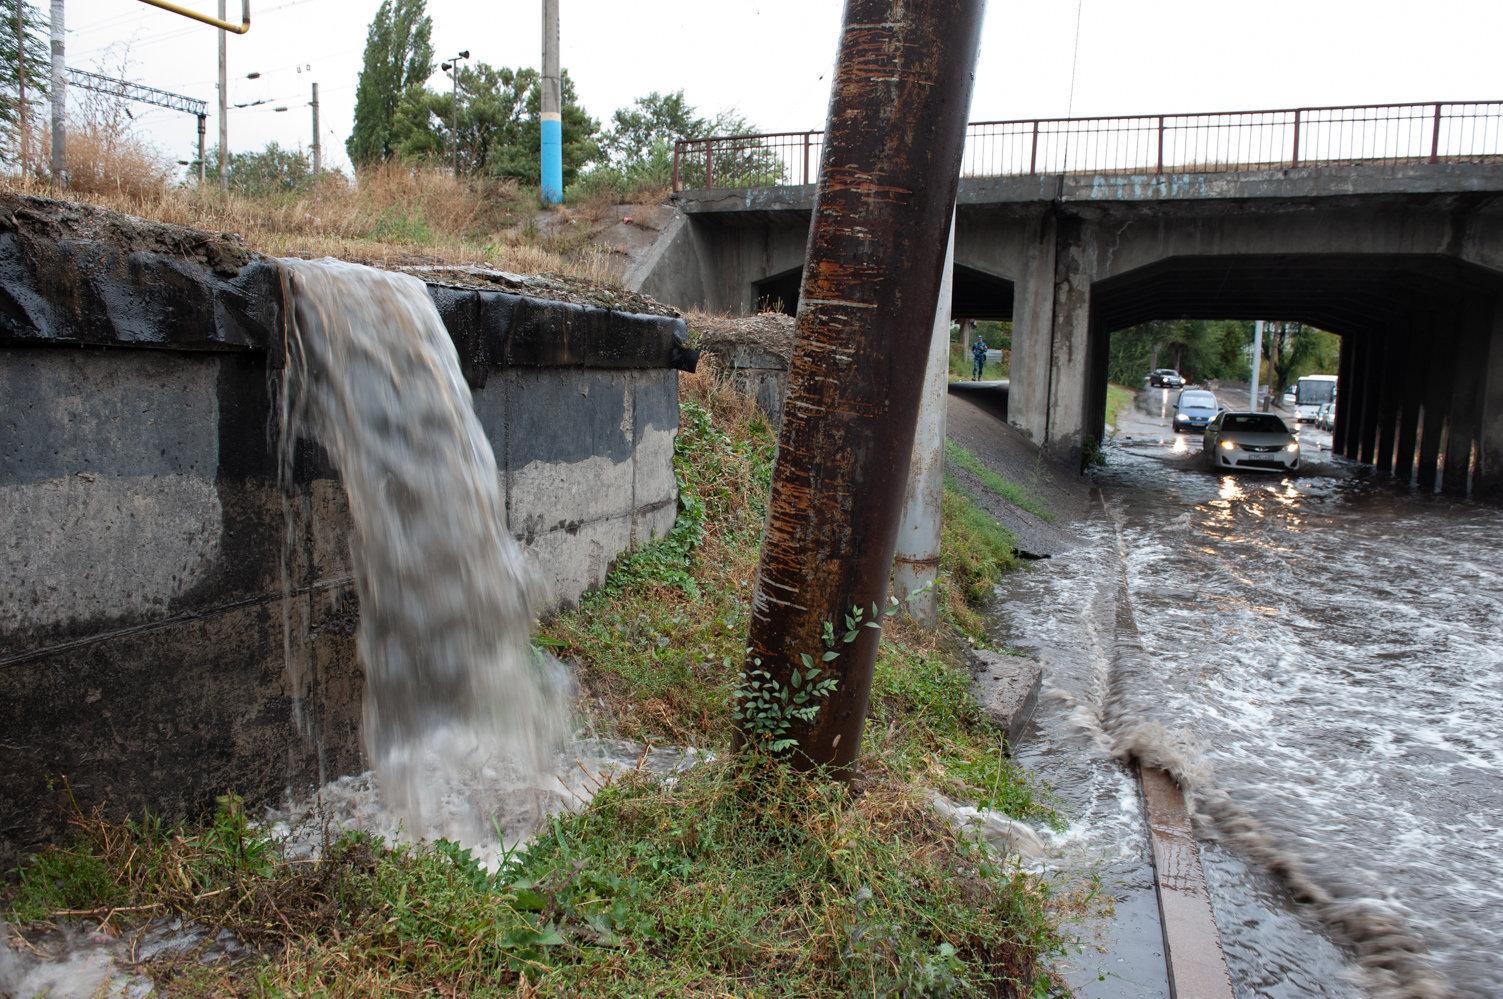 Участок под железнодорожным мостом рискует оказаться под водой после каждого ливня